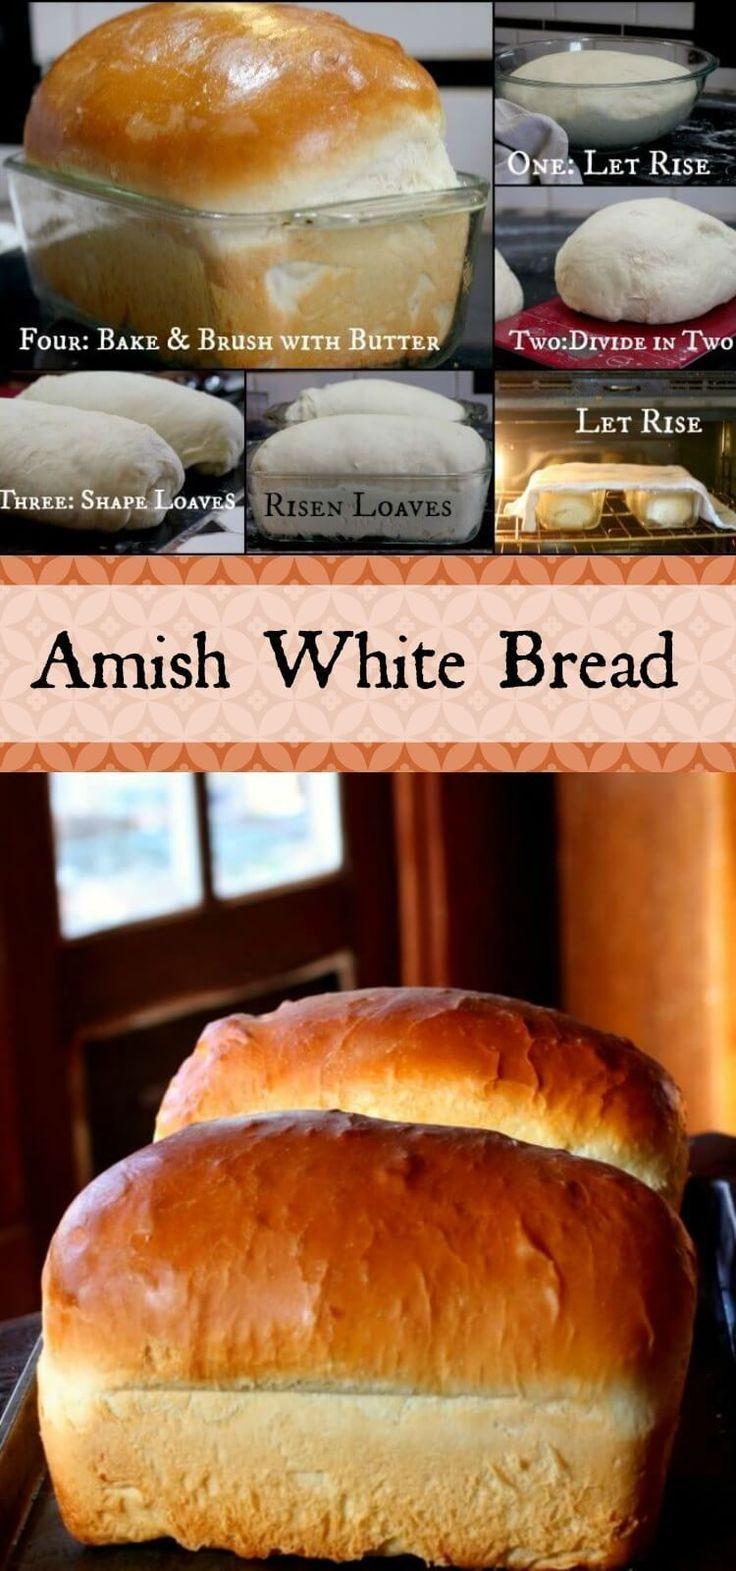 No Fail Amish White Bread Recipe Bread Recipes Homemade Honey Buttermilk Bread Amish White Bread